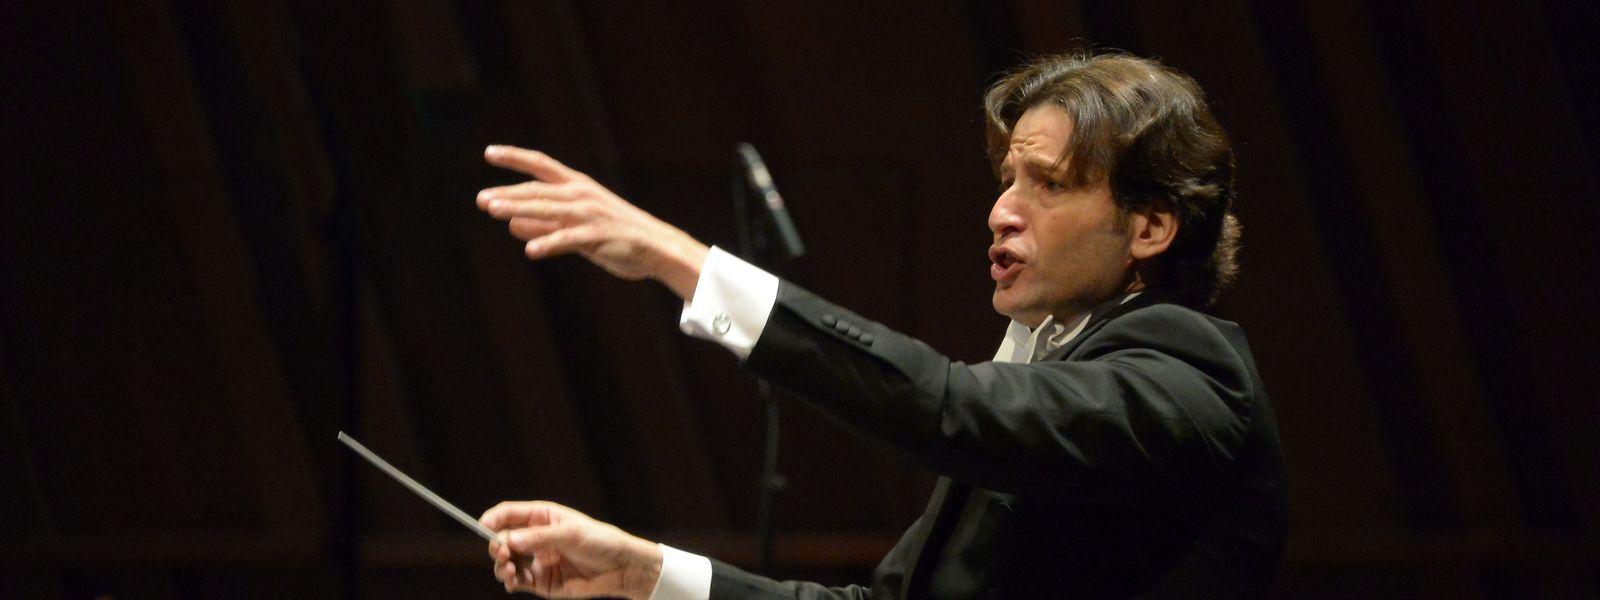 Gustavo Gimeno bleibt an der Seite von Luxemburgs Philharmonieorchester.